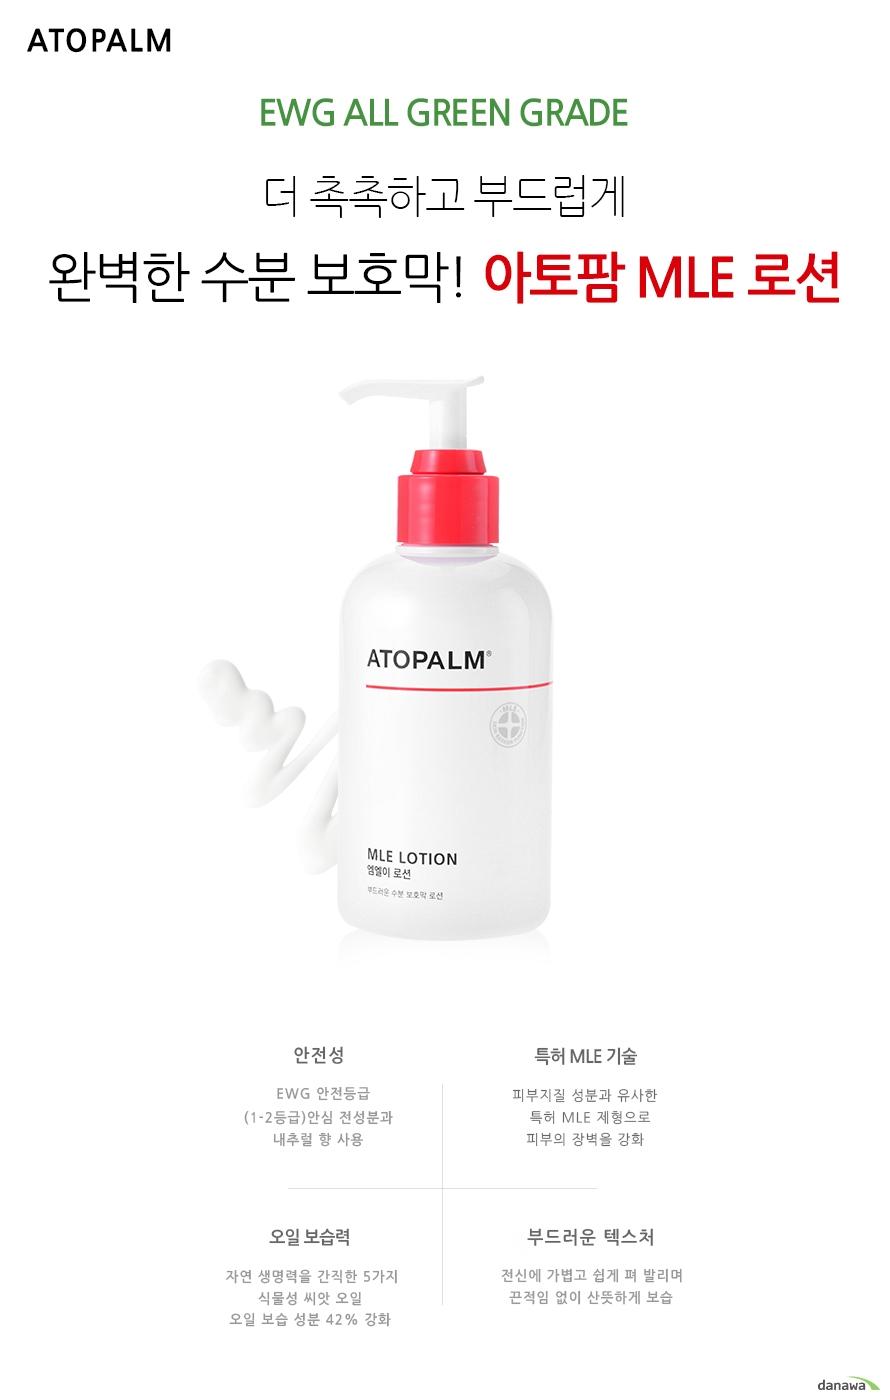 ATOPALM    EWG ALL GREEN GRADE    더 촉촉하고 부드럽게     완벽한 수분 보호막! 아토팜 MLE 로션    안전성      EWG 안전등급    (1-2등급)안심 전성분과       내추럴 향 사용    특허 MLE 기술    피부지질 성분과 유사한     특허 MLE 제형으로    피부의 장벽을 강화    오일 보습력    자연 생명력을 간직한 5가지    식물성 씨앗 오일    오일 보습 성분 42% 강화    부드러운 텍스처    전신에 가볍고 쉽게 펴 발리며    끈적임 없이 산뜻하게 보습